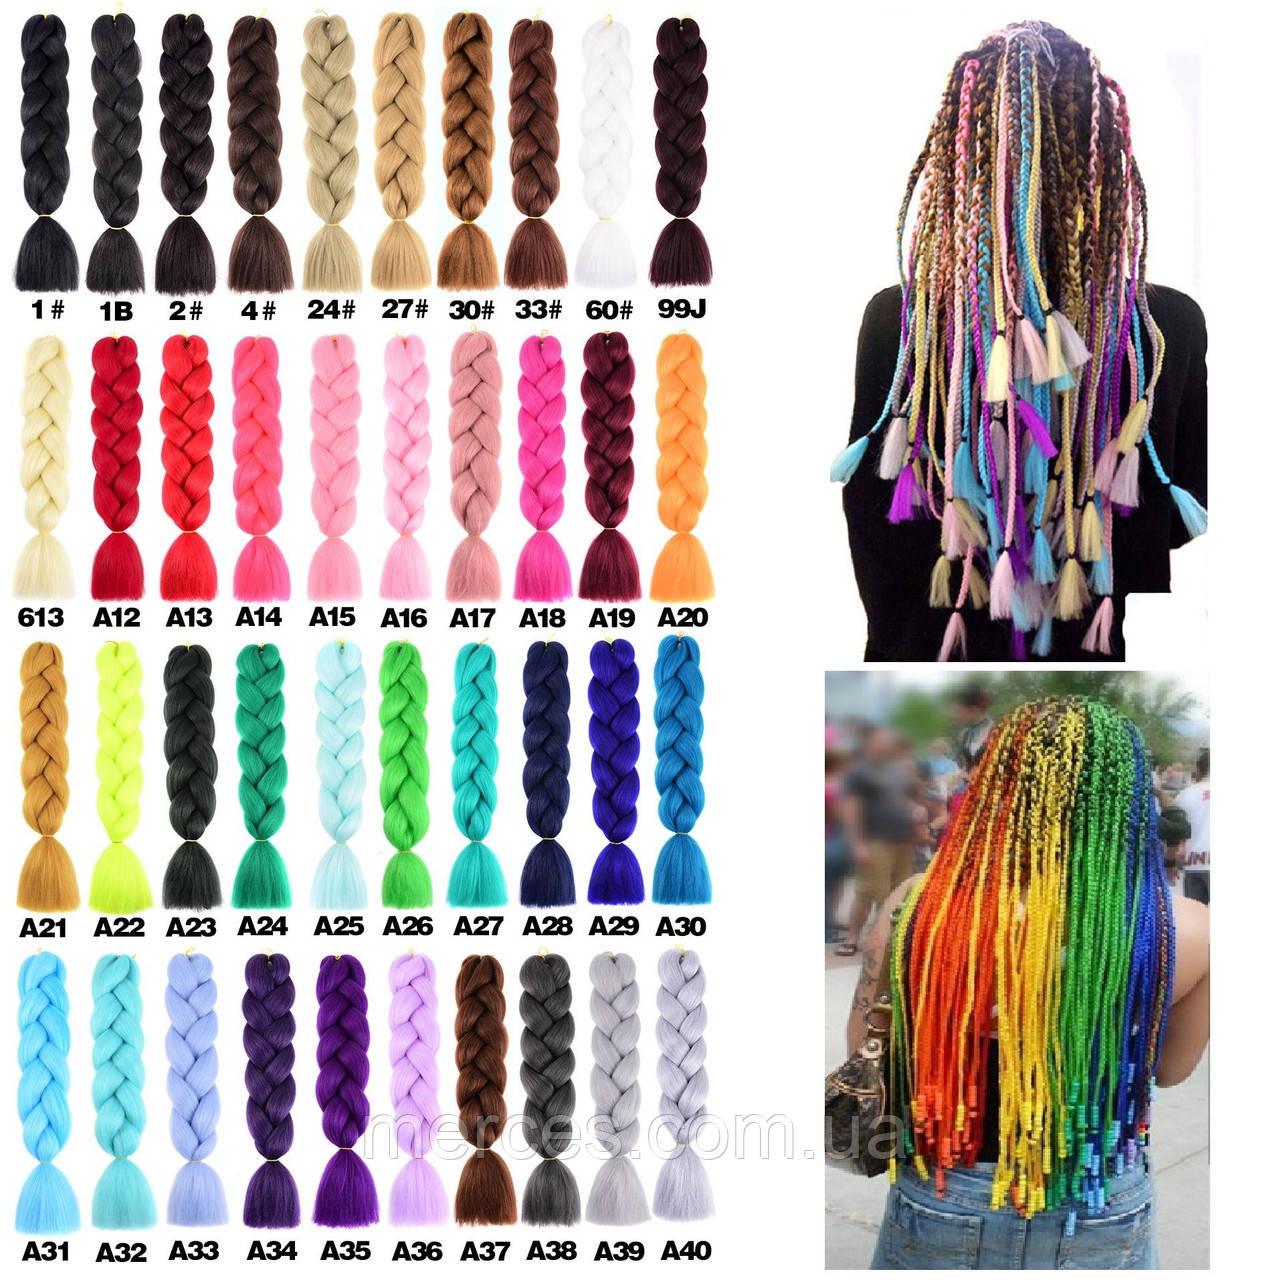 Однотонные косы канекалон 40 цветов палитра. Длина 60 ± 5 см Вес 100 ± 5 г Термостойкий коса Jumbo Braid